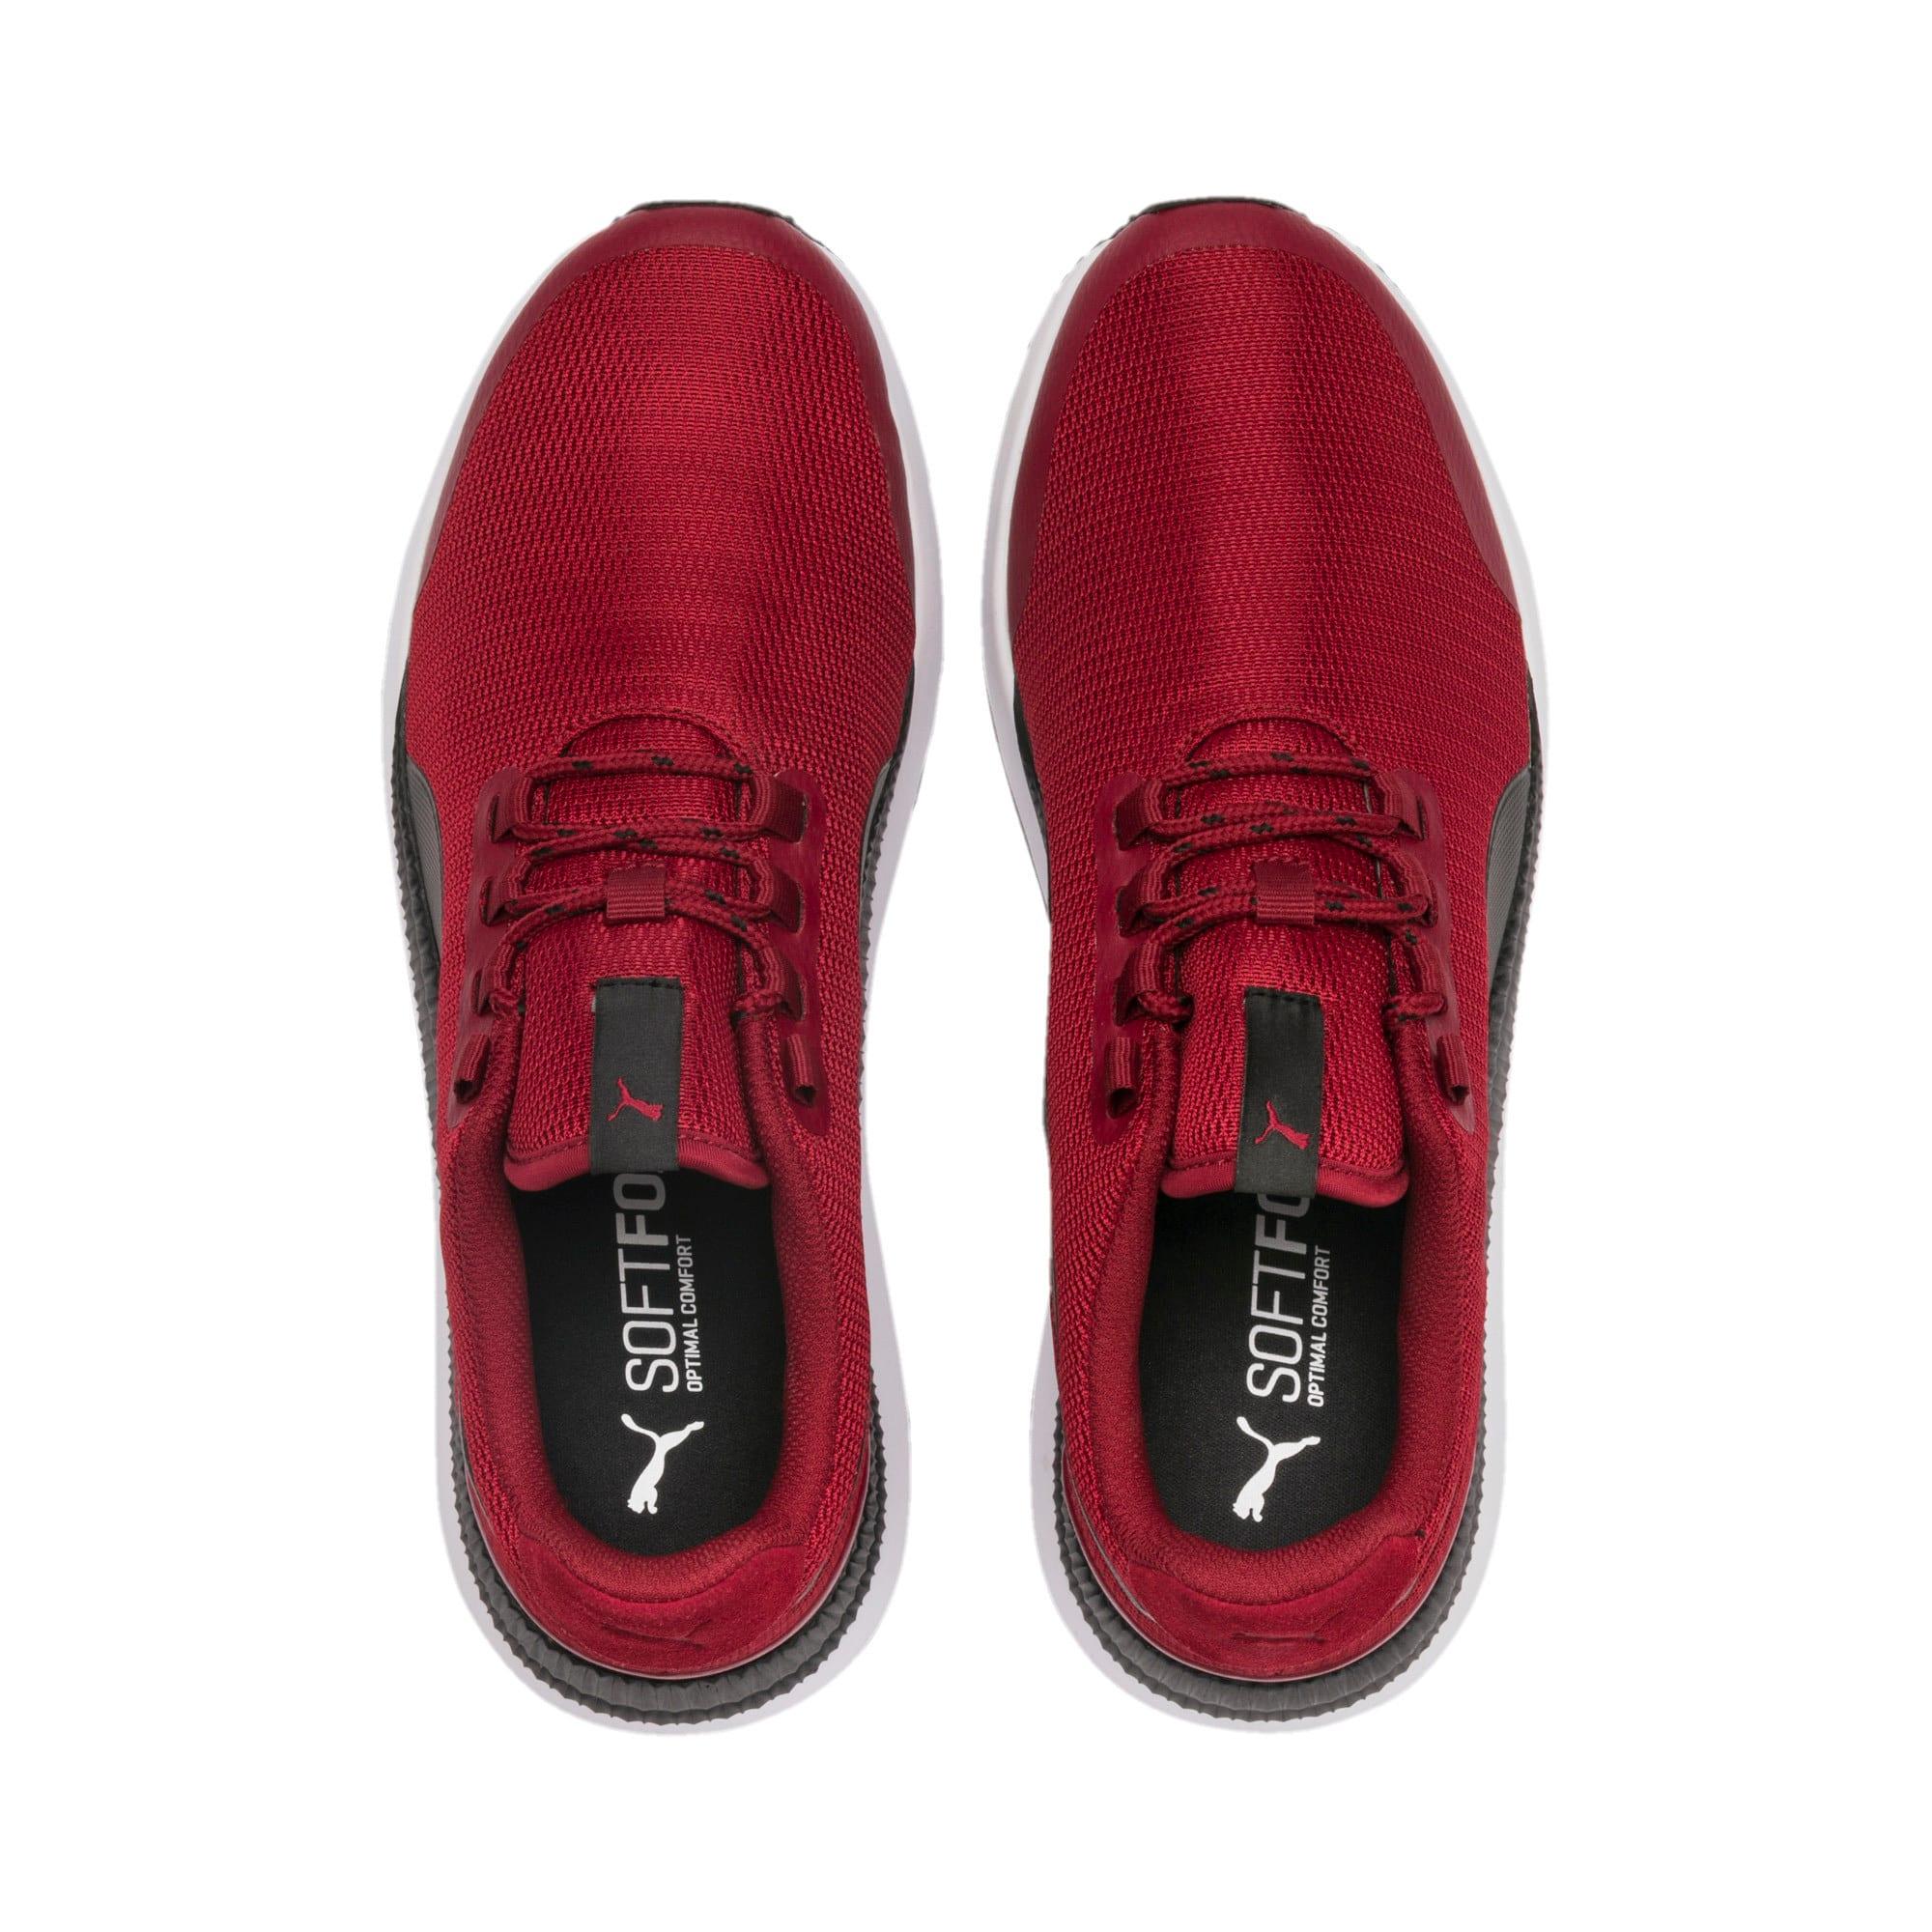 Miniatura 7 de Zapatos deportivosPacer Next FS, Rhubarb-Puma Black, mediano